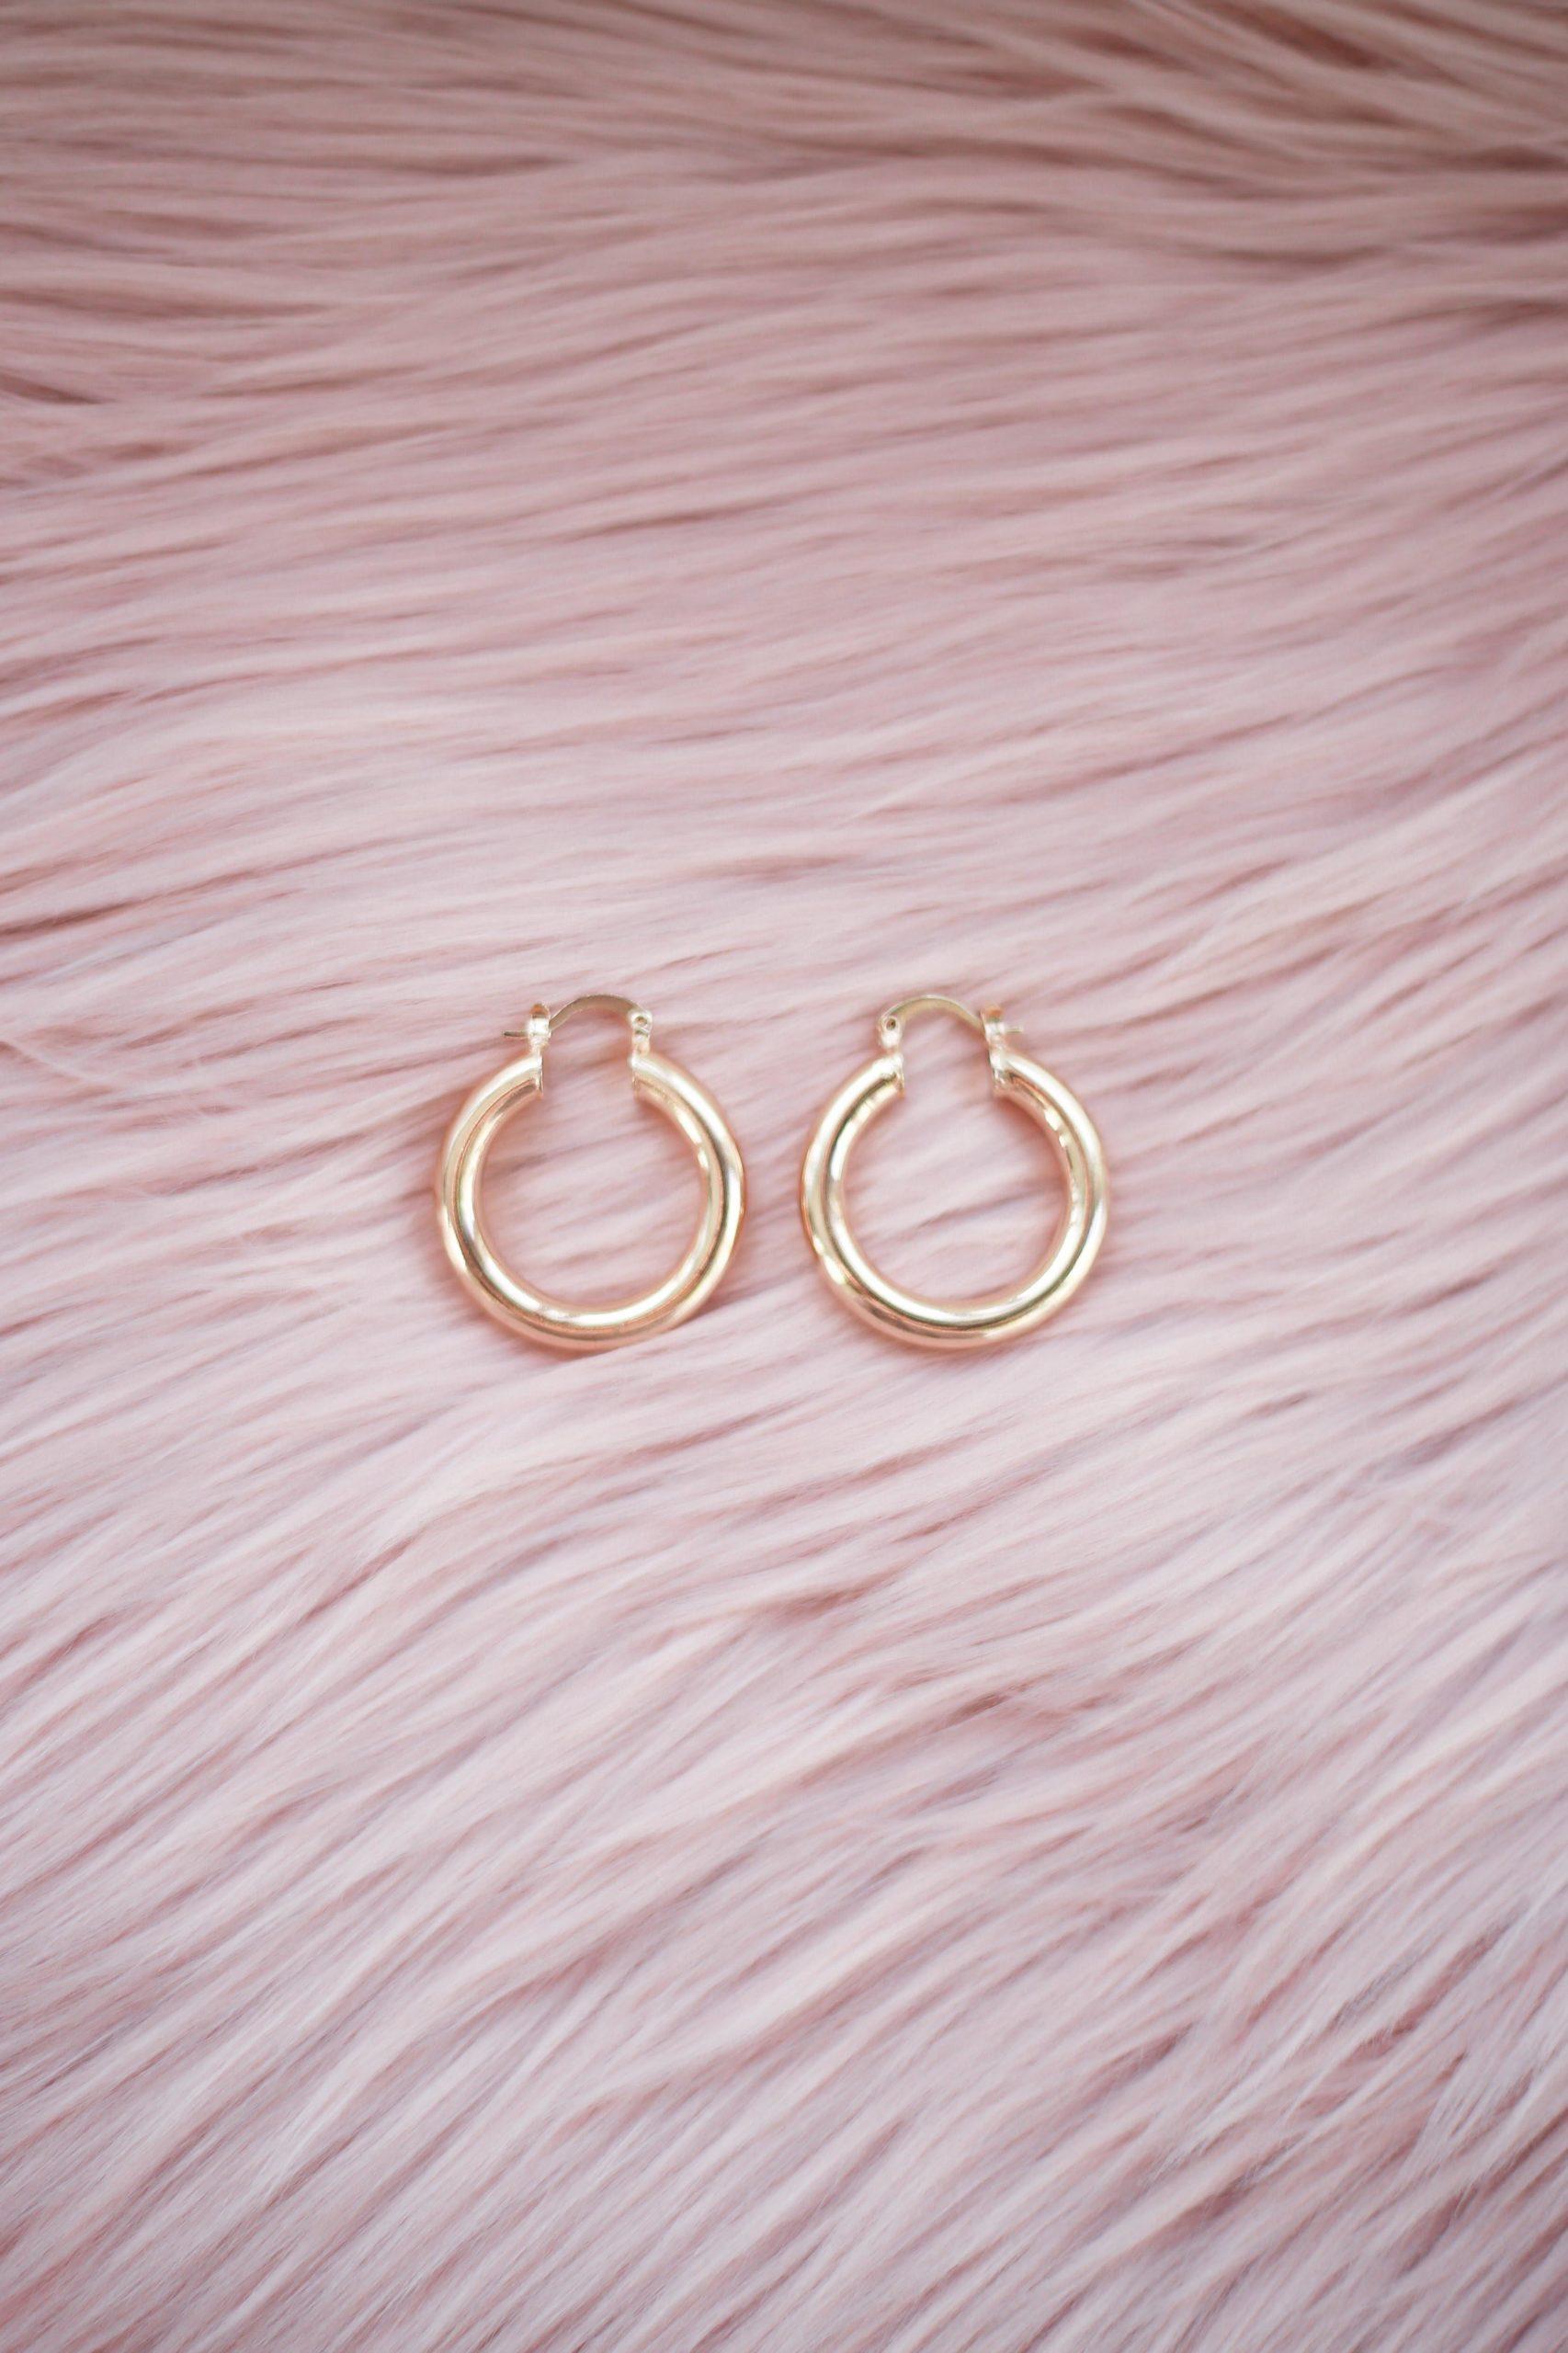 Flawless Hoop Earrings